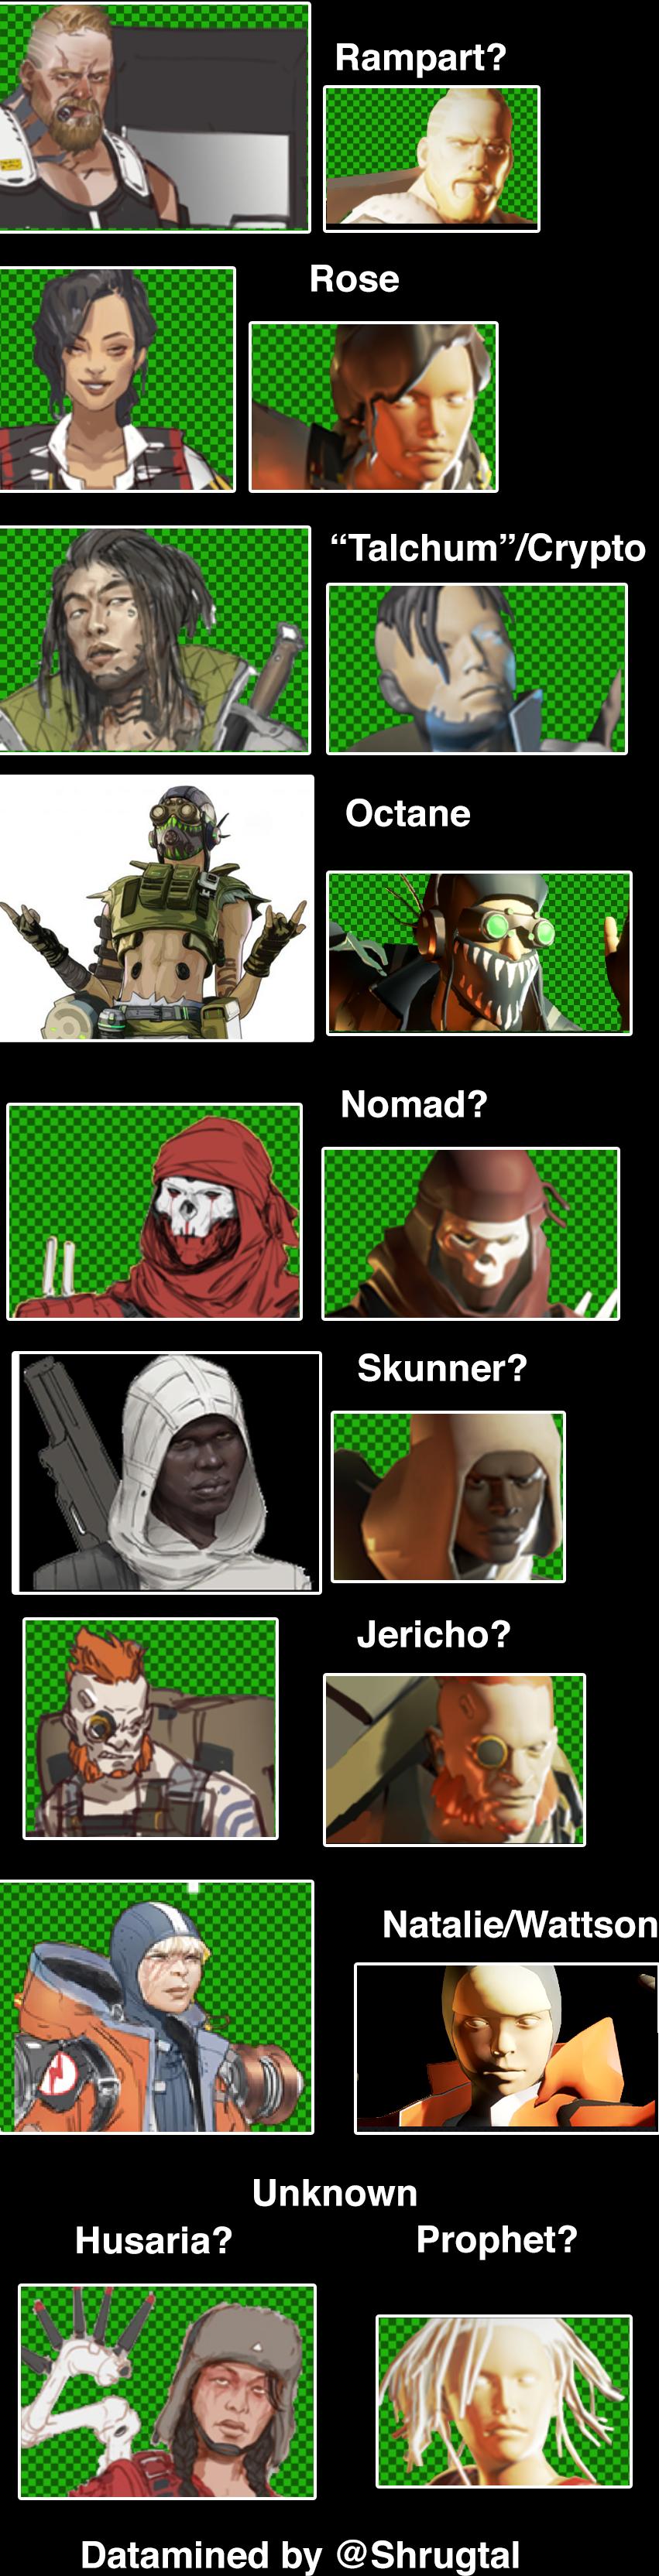 ape legends nieuwe legends datamined